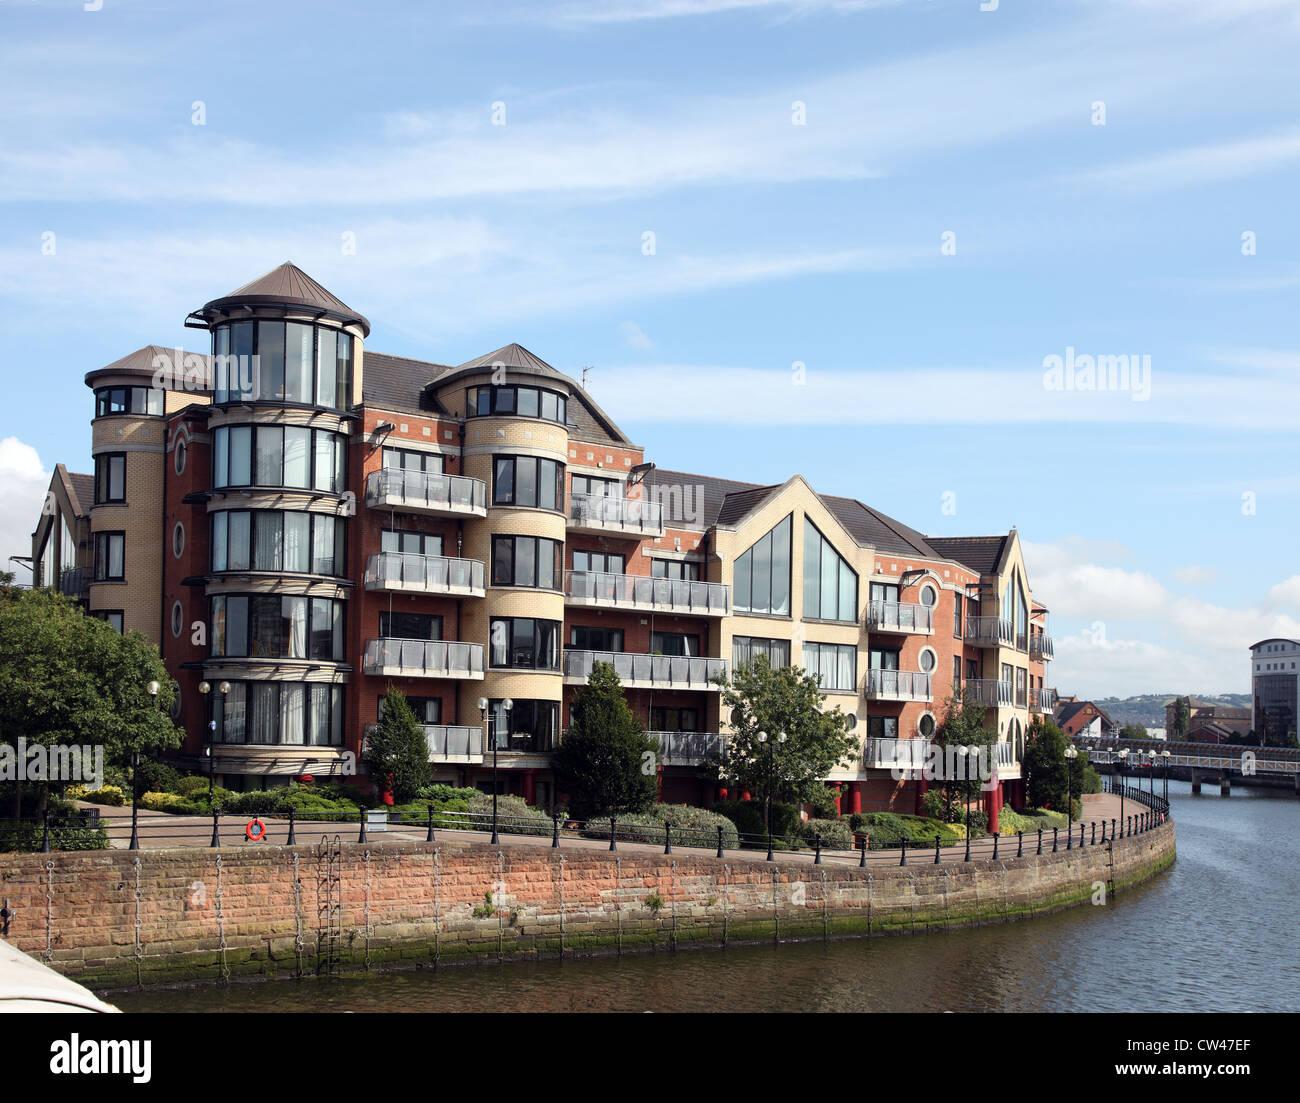 Laganside upmarket housing seen from Queen's Bridge, Belfast, Northern Ireland - Stock Image